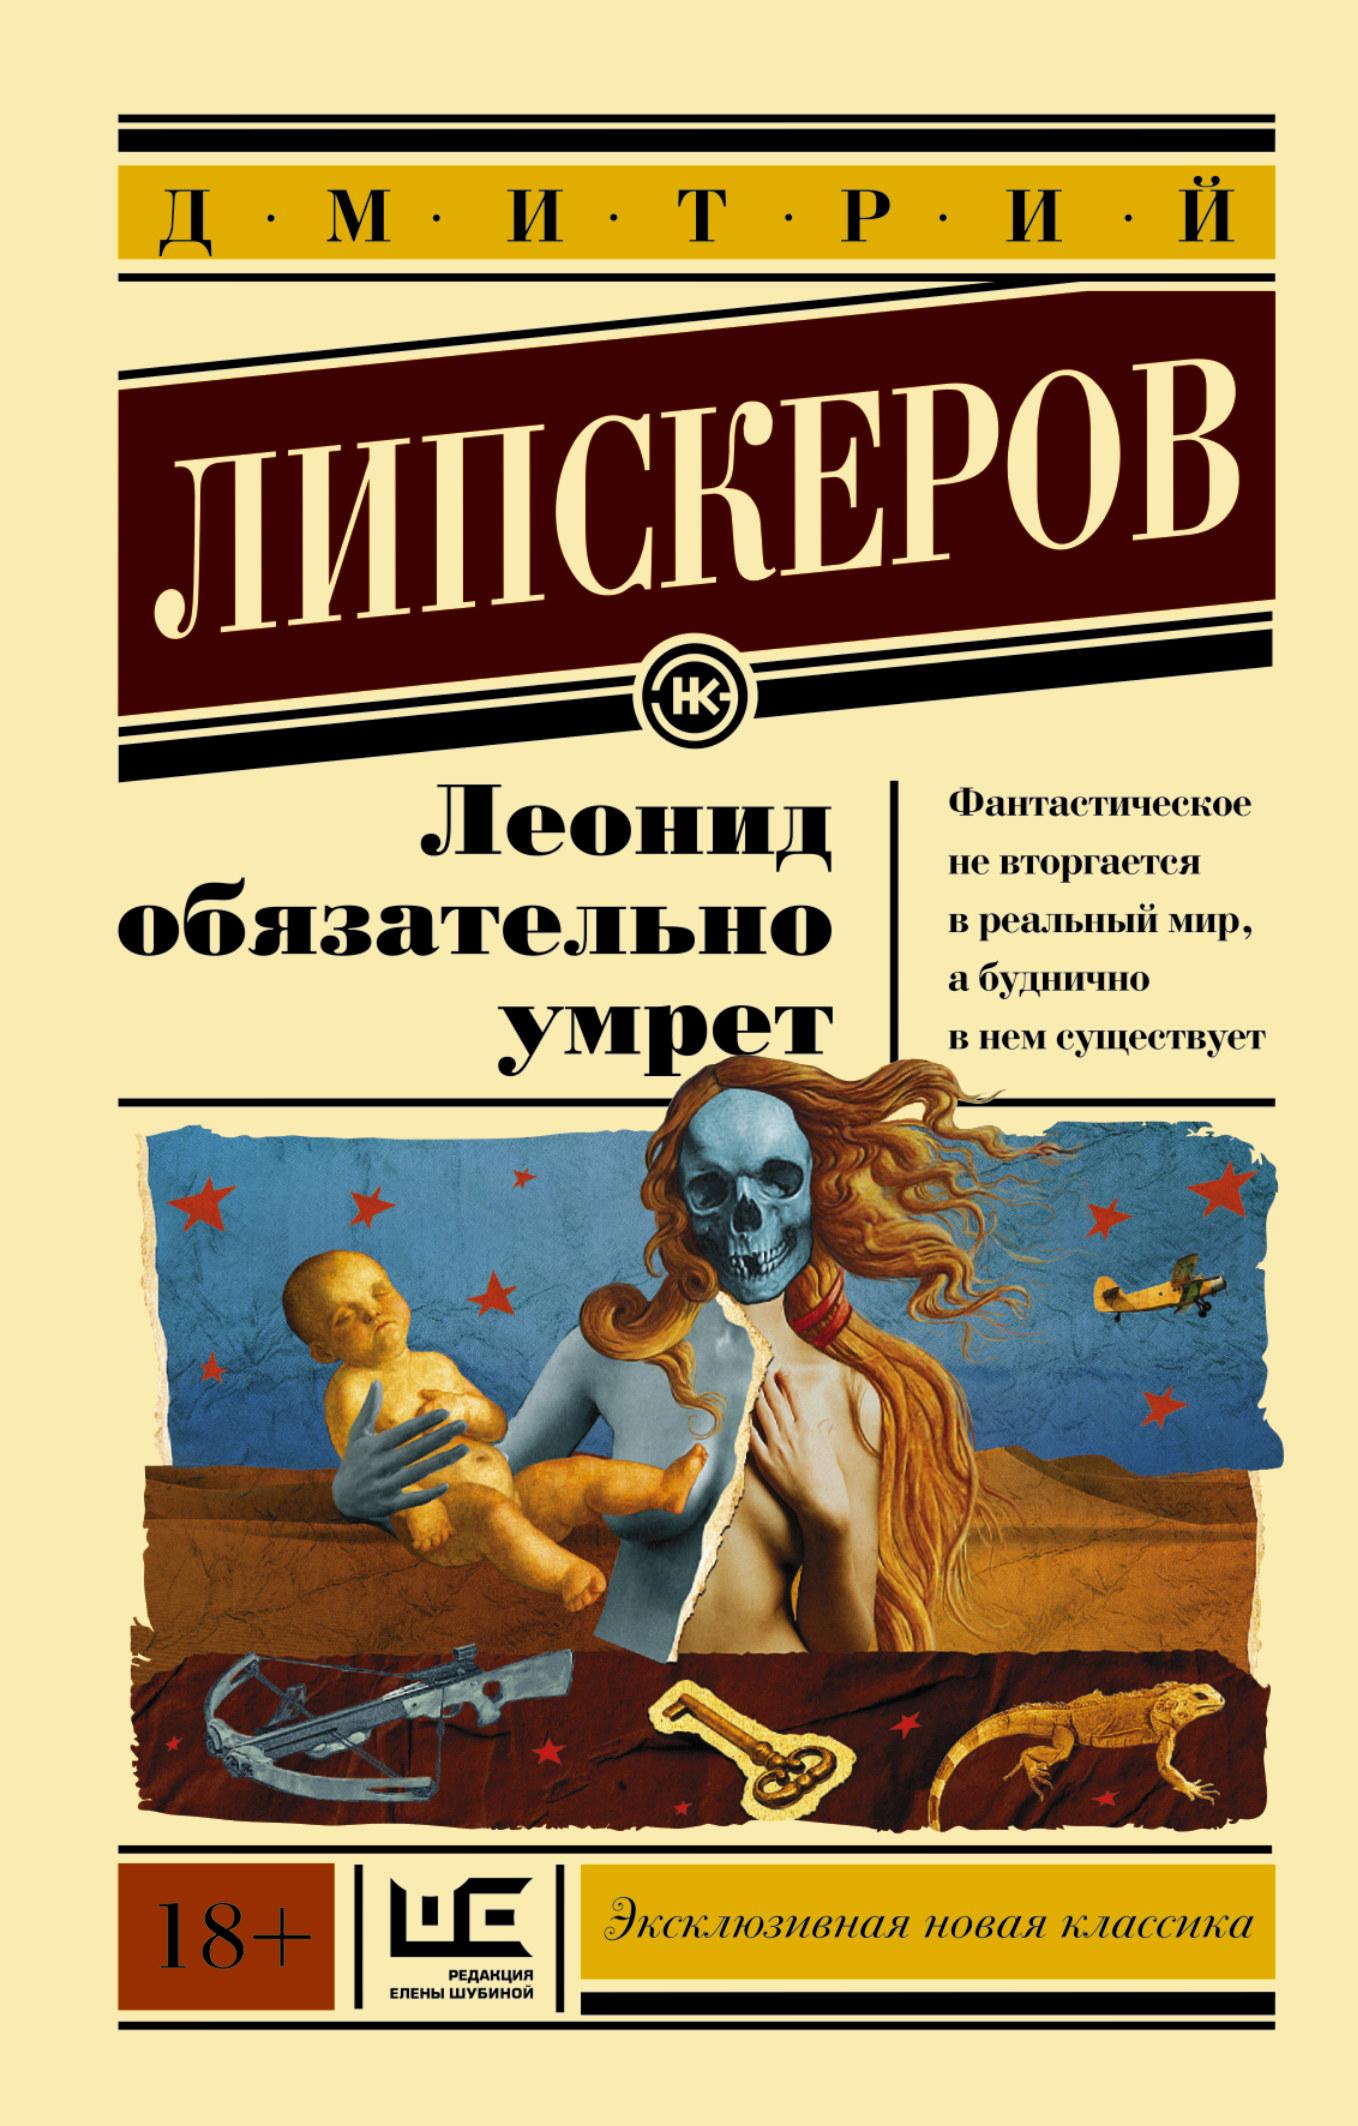 Липскеров Д.М. Леонид обязательно умрет михаил пришвин кладовая солнца рассказы о природе